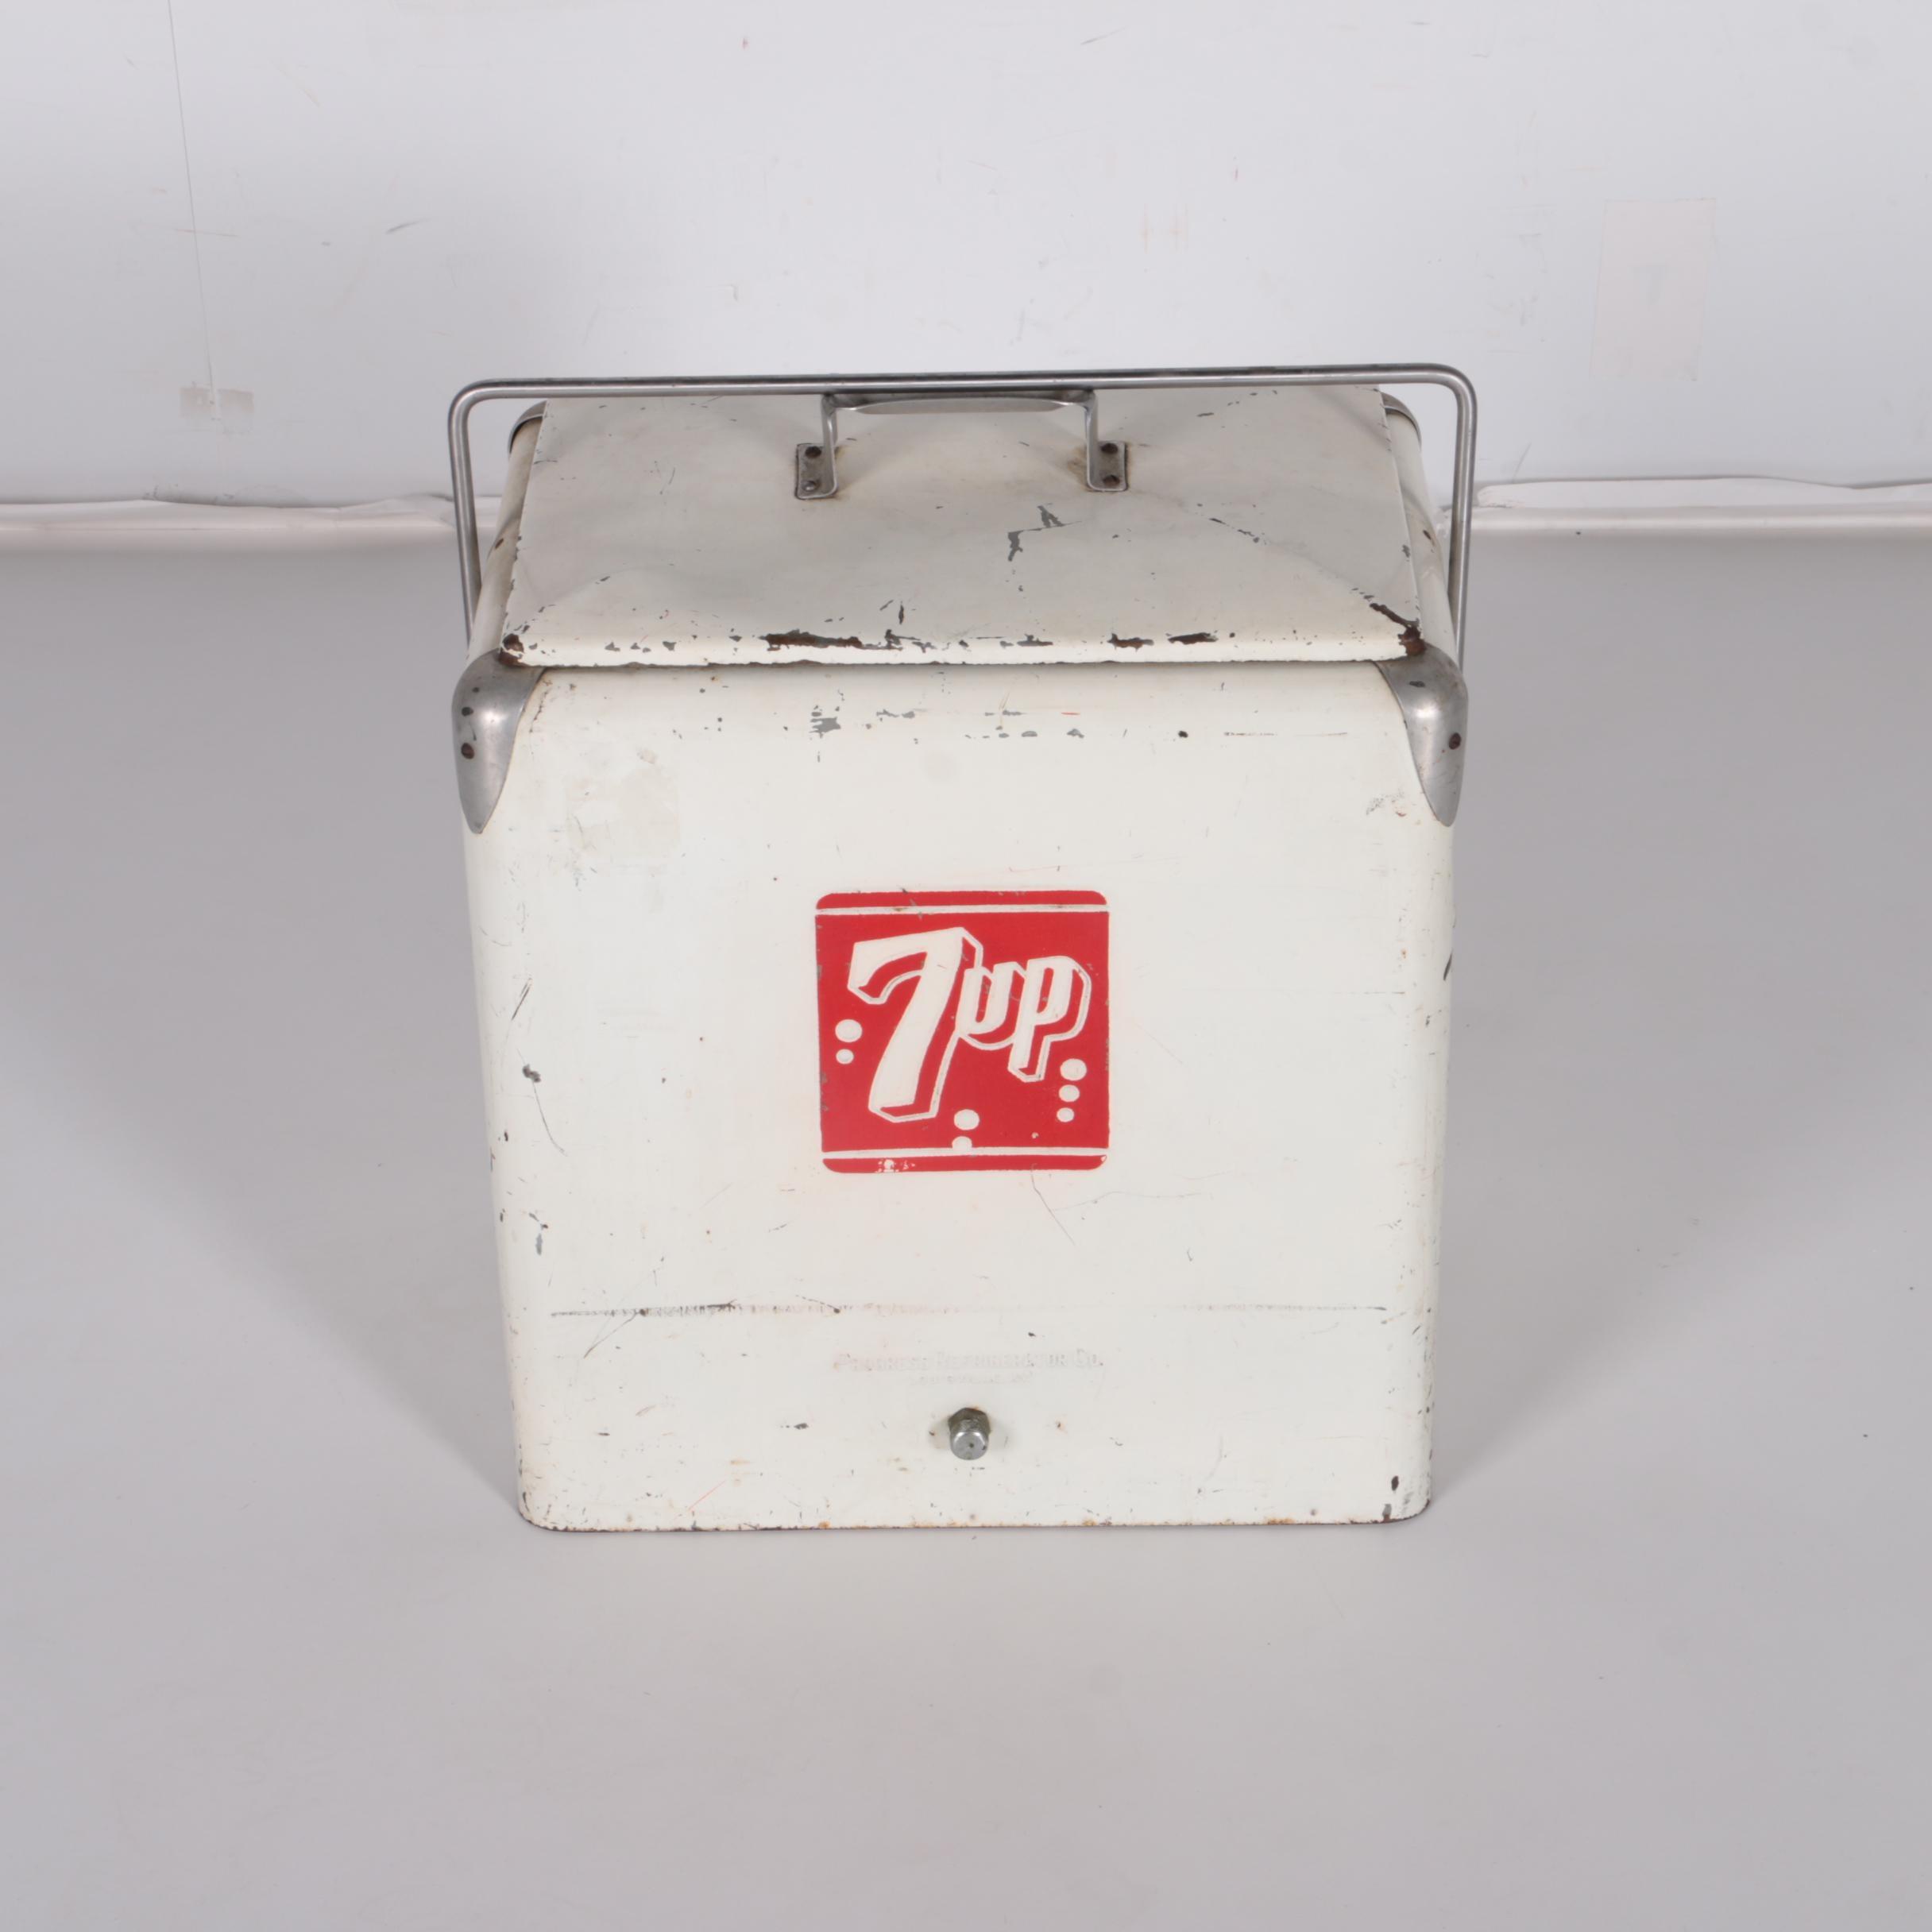 Vintage 7 Up Metal Cooler